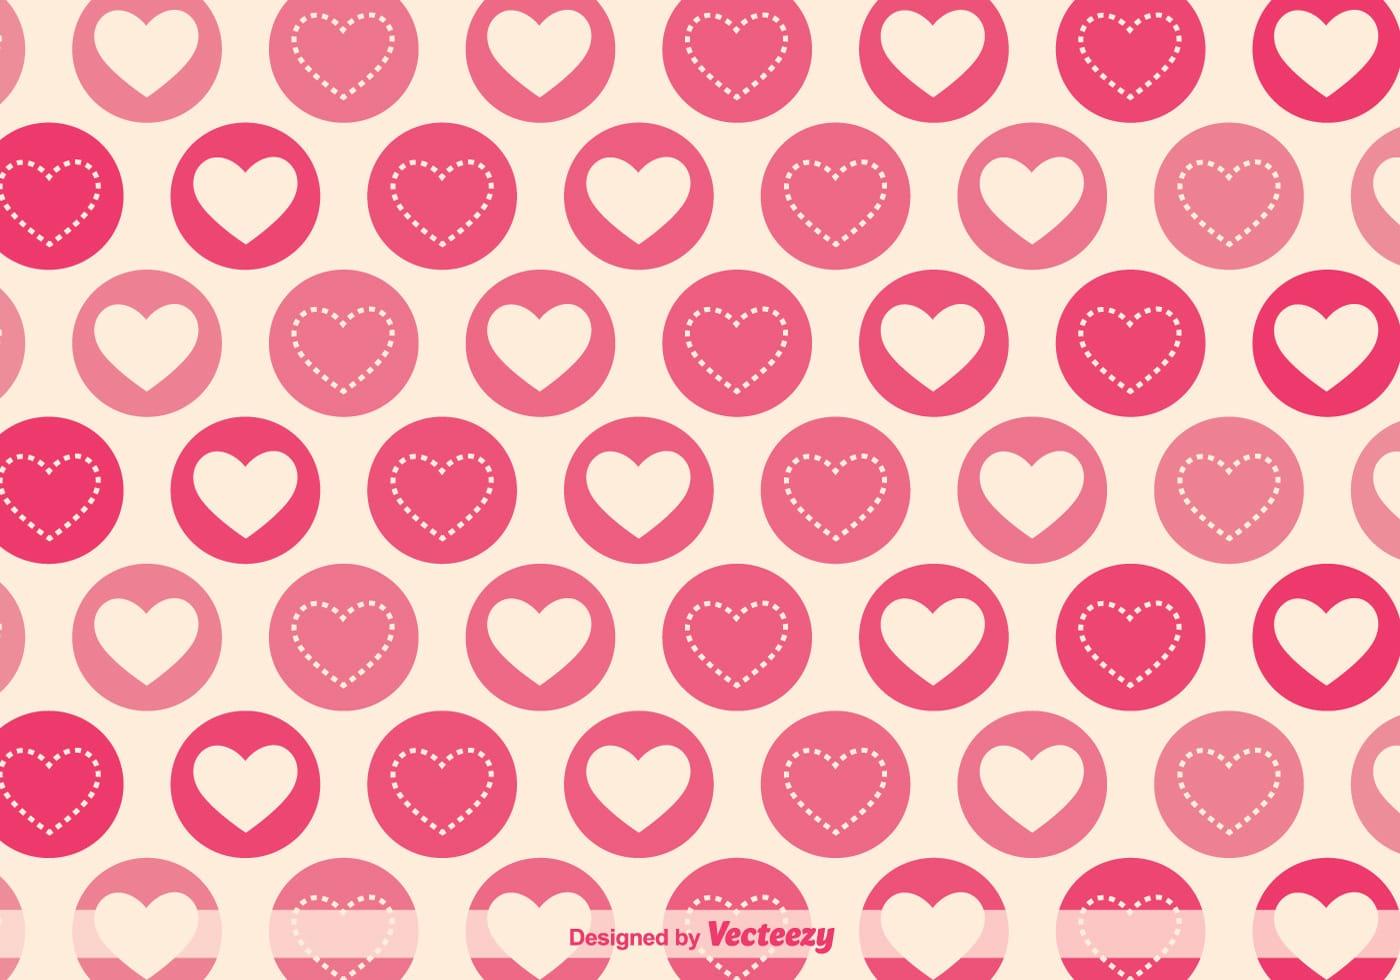 1400x980 Vector Heart Patterns